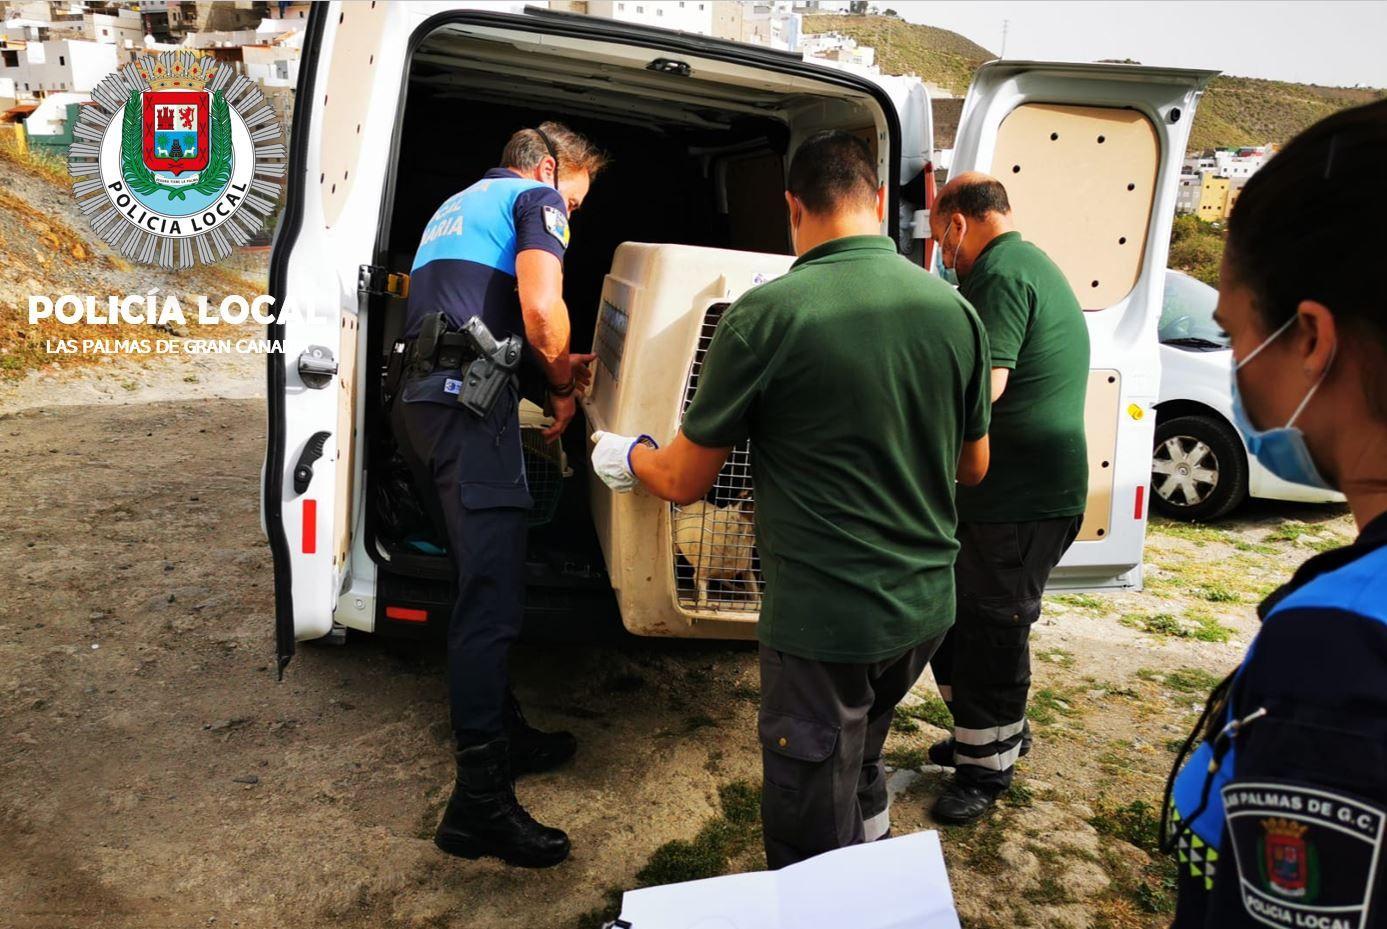 14 perros rescatados por la Policia Local en Pedro Hidalgo